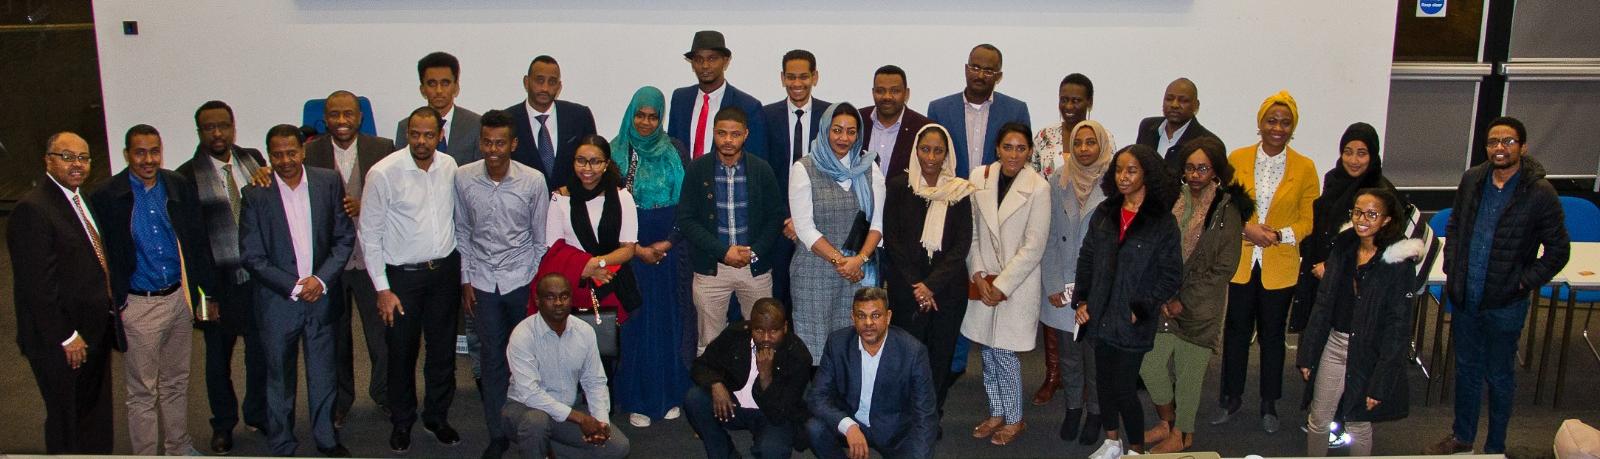 UK Sudanese Graduates 2018